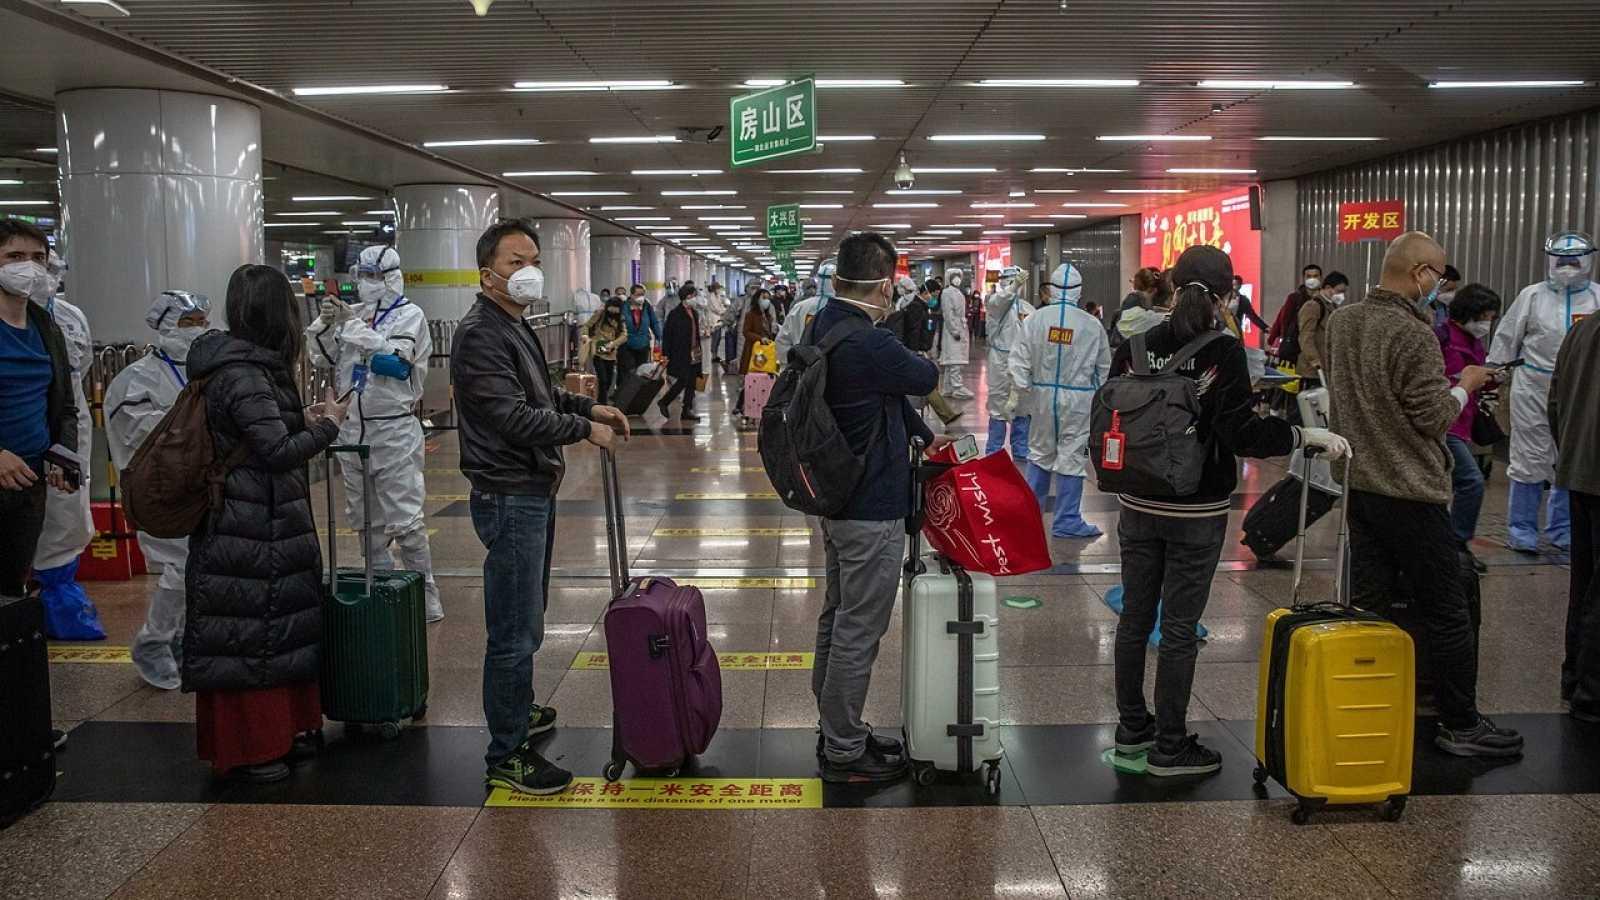 Pasajeros procedentes de Wuhan forman filas en la estación de tren de Pekín